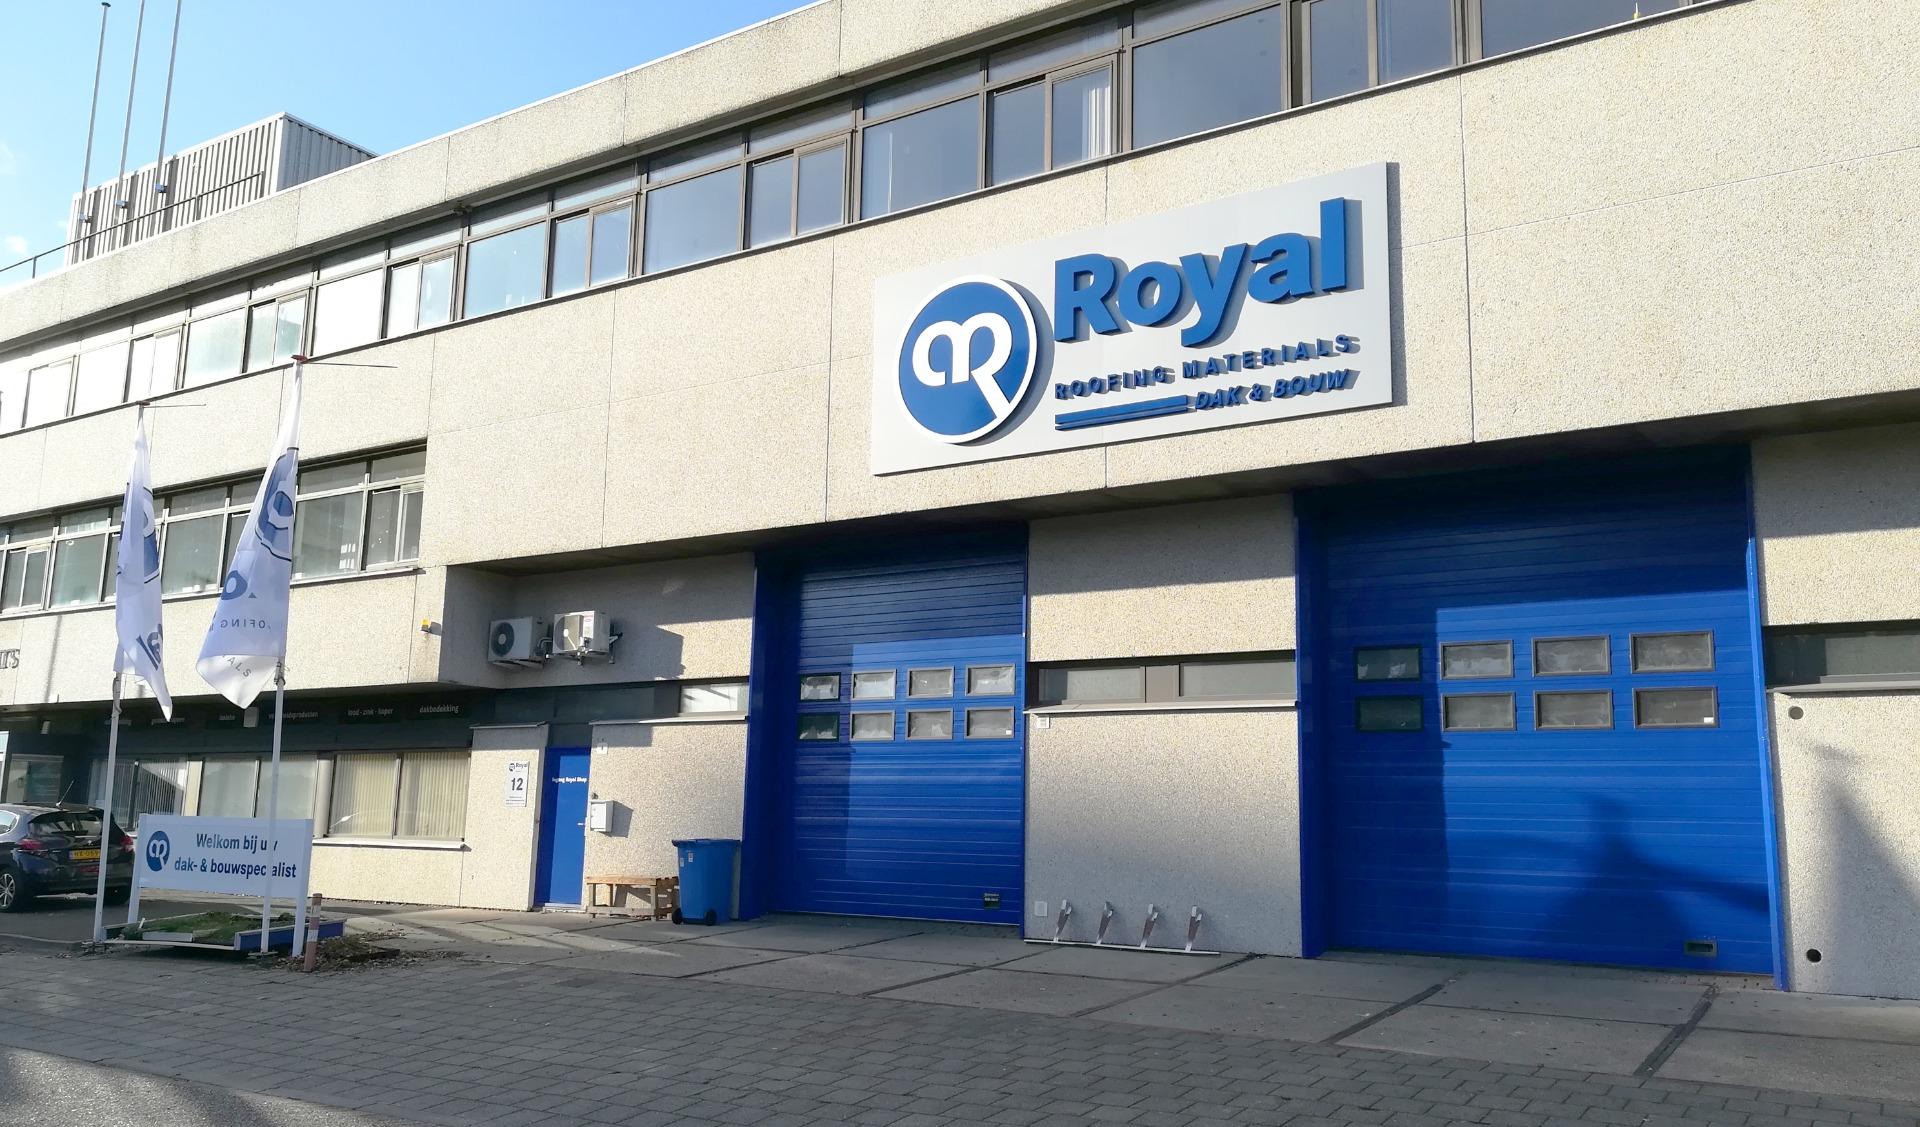 Royal dak & bouw Rijswijk